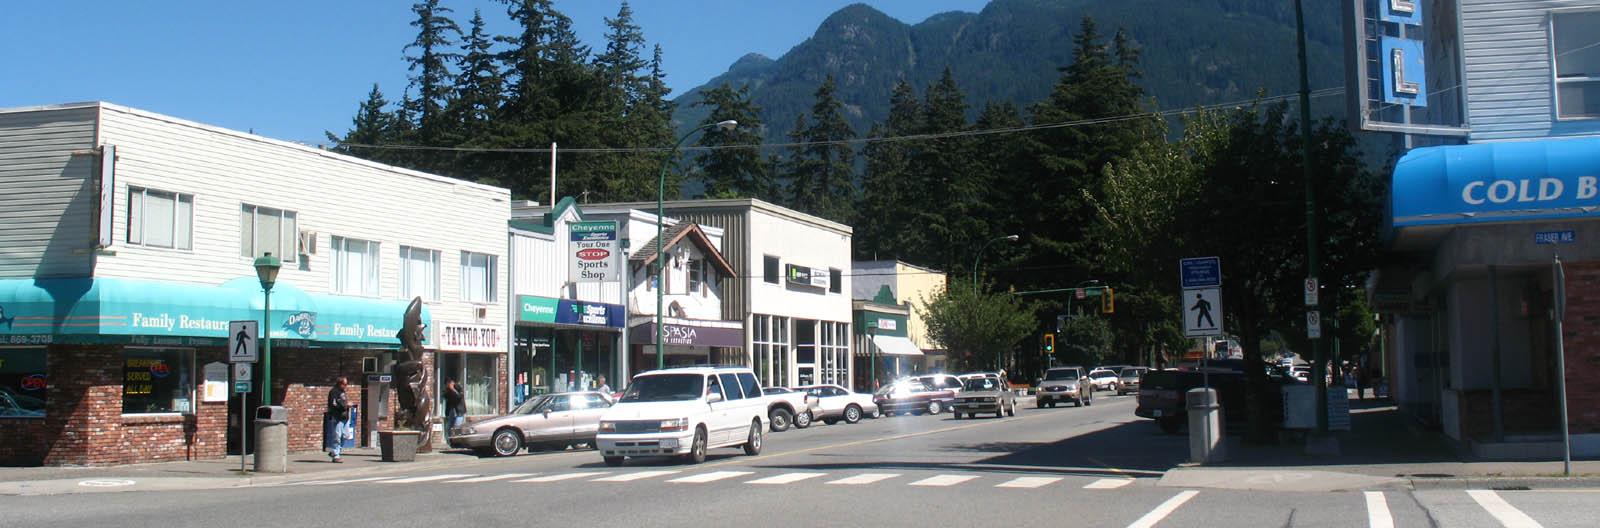 Hope - storefronts on main street -sliver